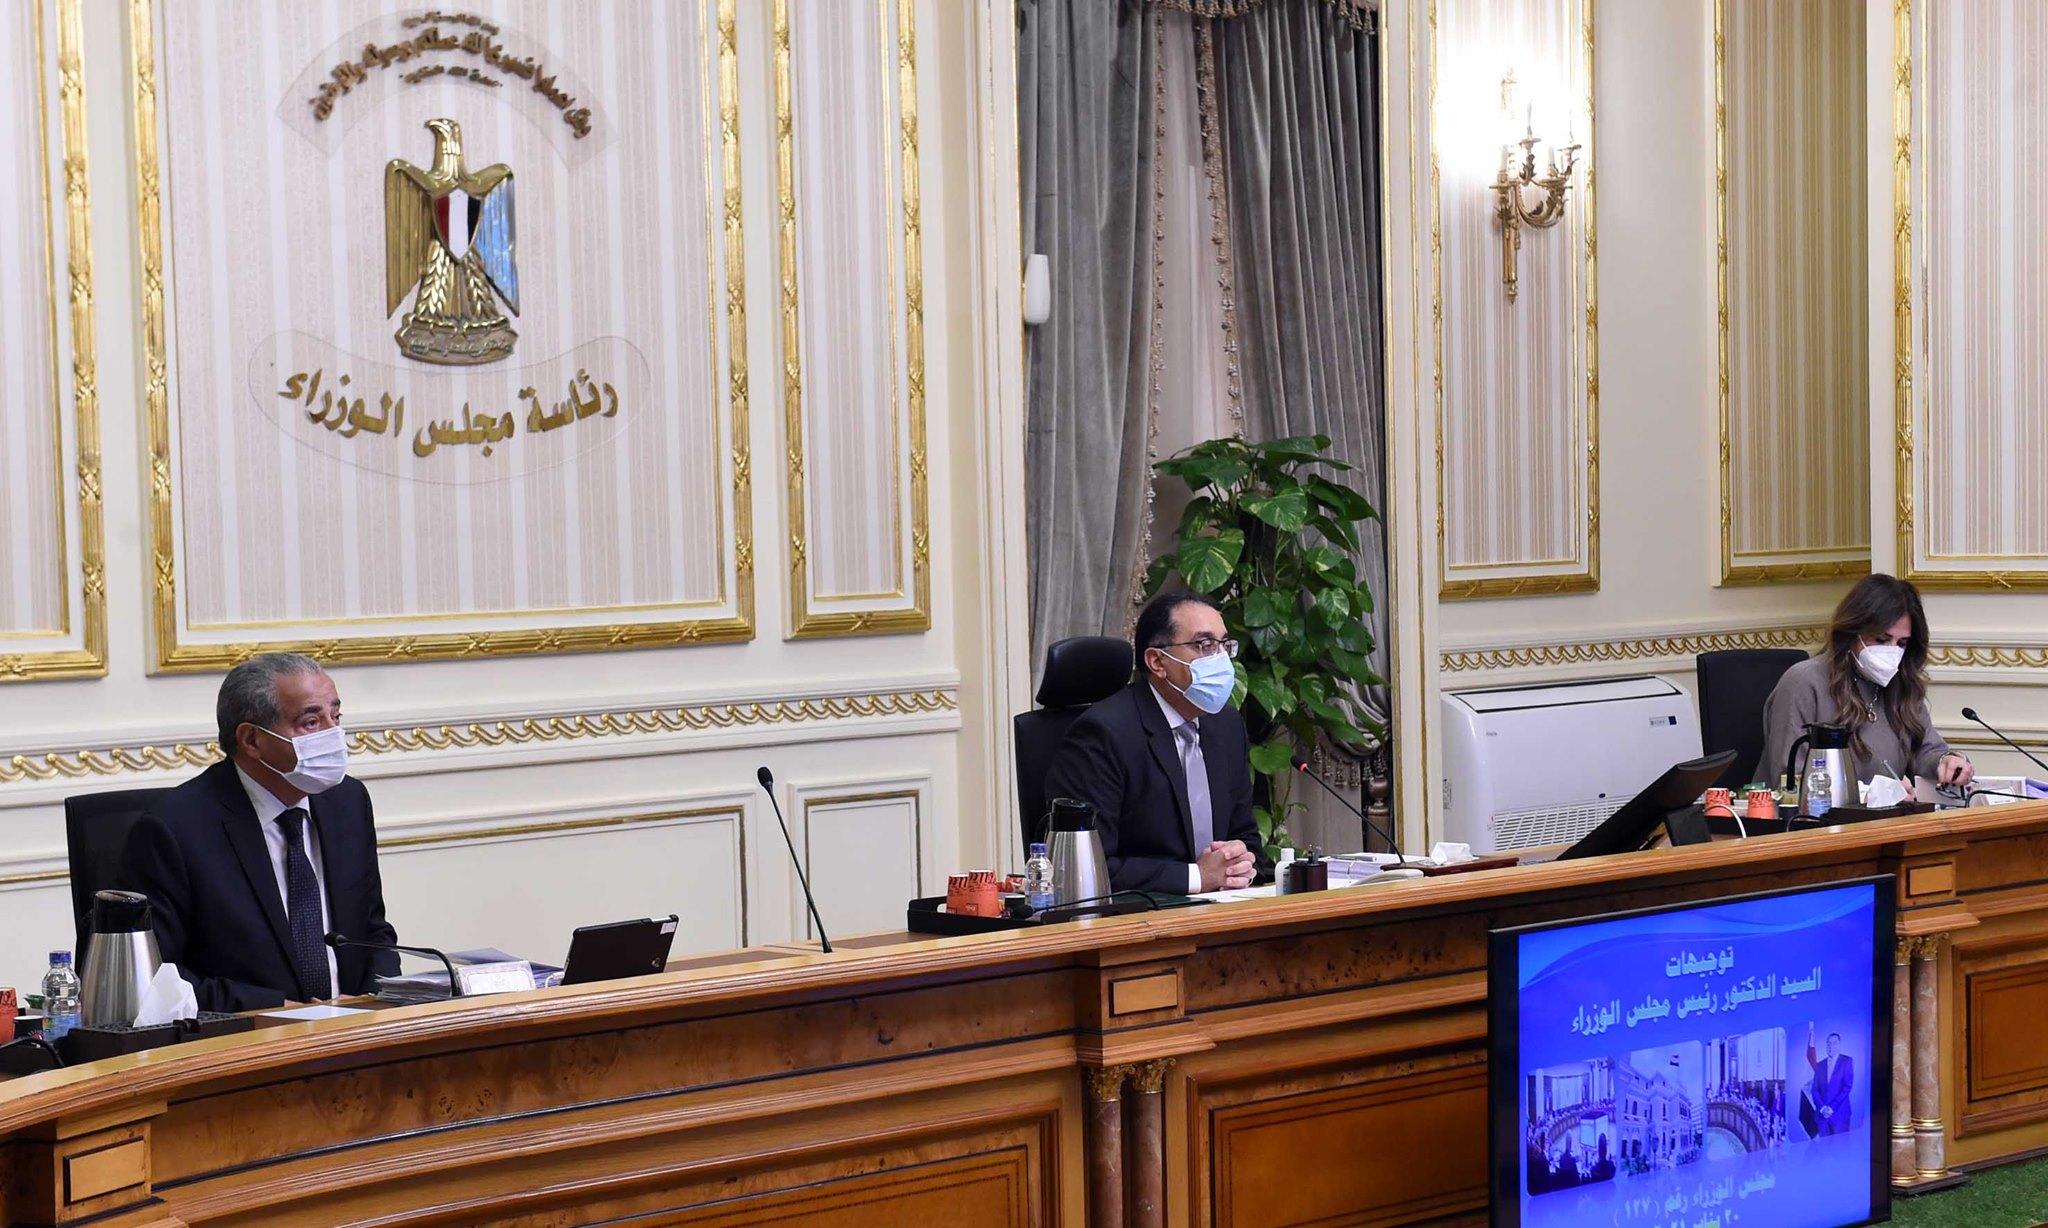 رسميًا.. قرار باعتبار الخميس القادم إجازة رسمية لموظفي الدولة والقطاعين العام والخاص ونشر القرار بالجريدة الرسمية